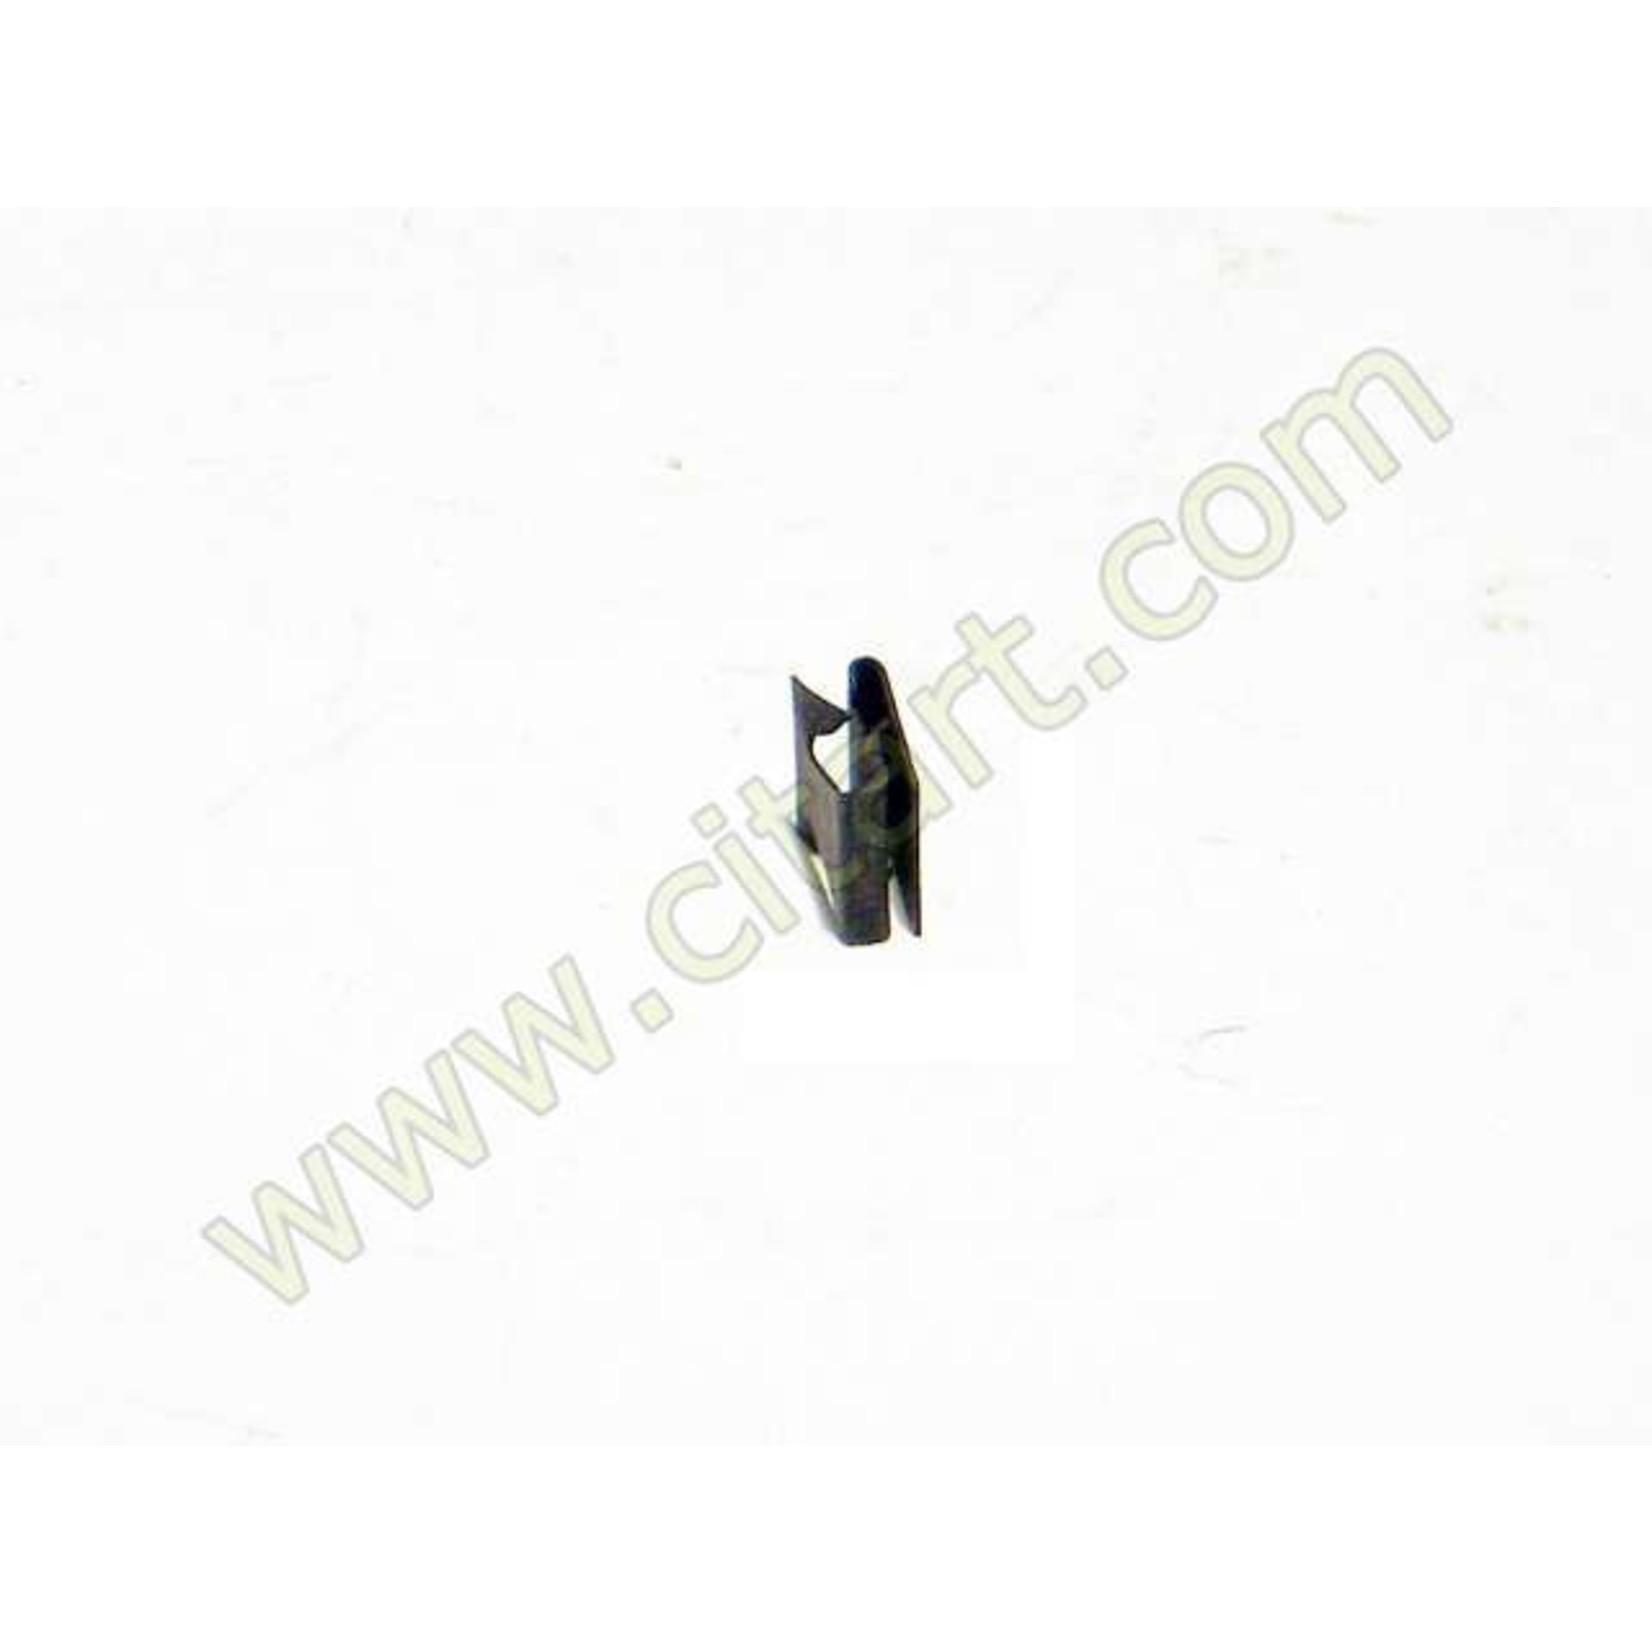 Klem rubber voorscherm - bumper Nr Org: ZC9619838